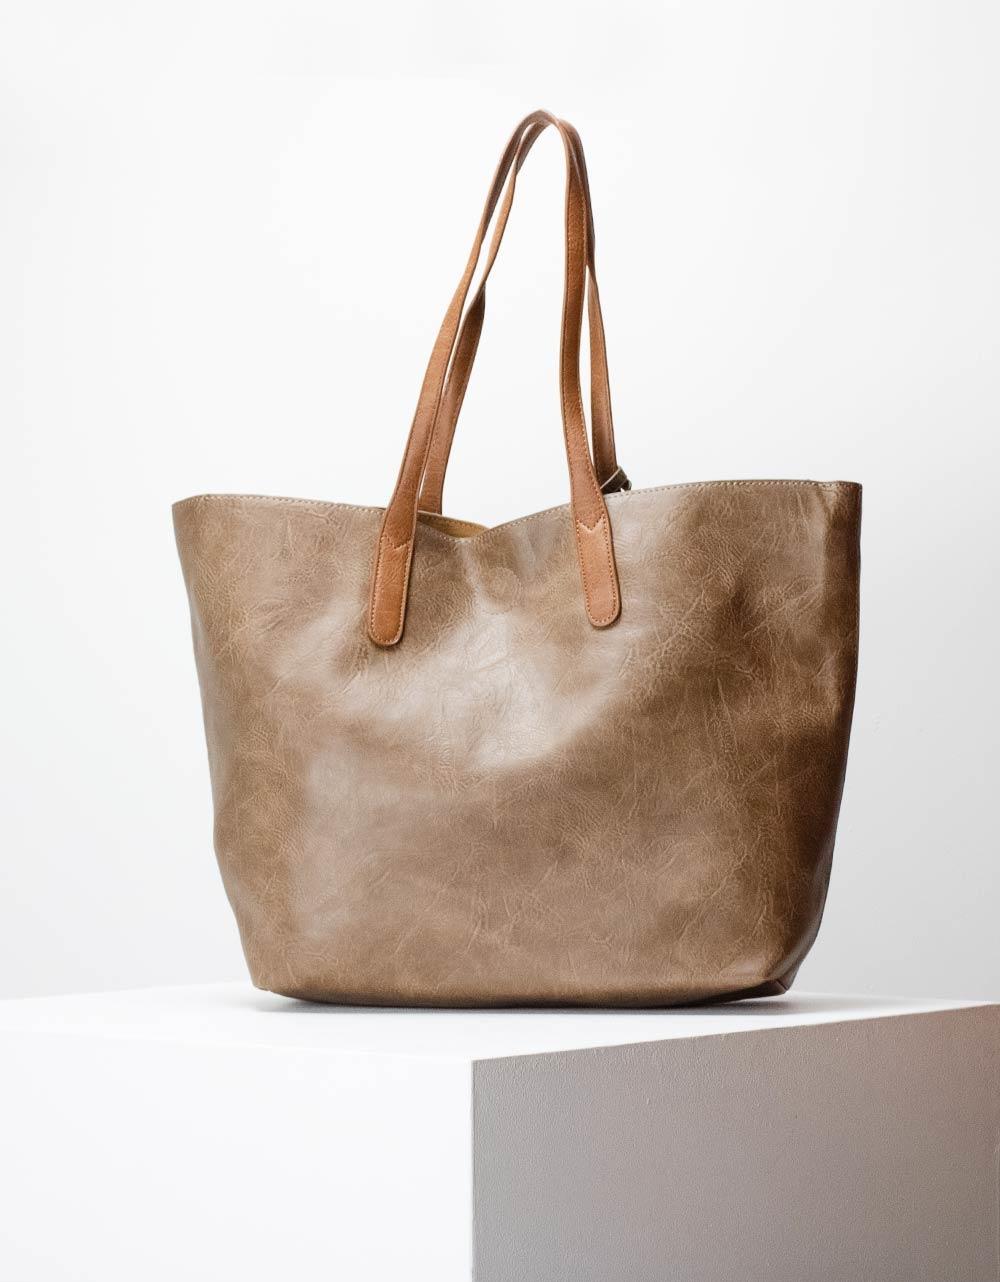 Εικόνα από Γυναικεία τσάντα ώμου σε απλή γραμμή μονόχρωμη Πούρο